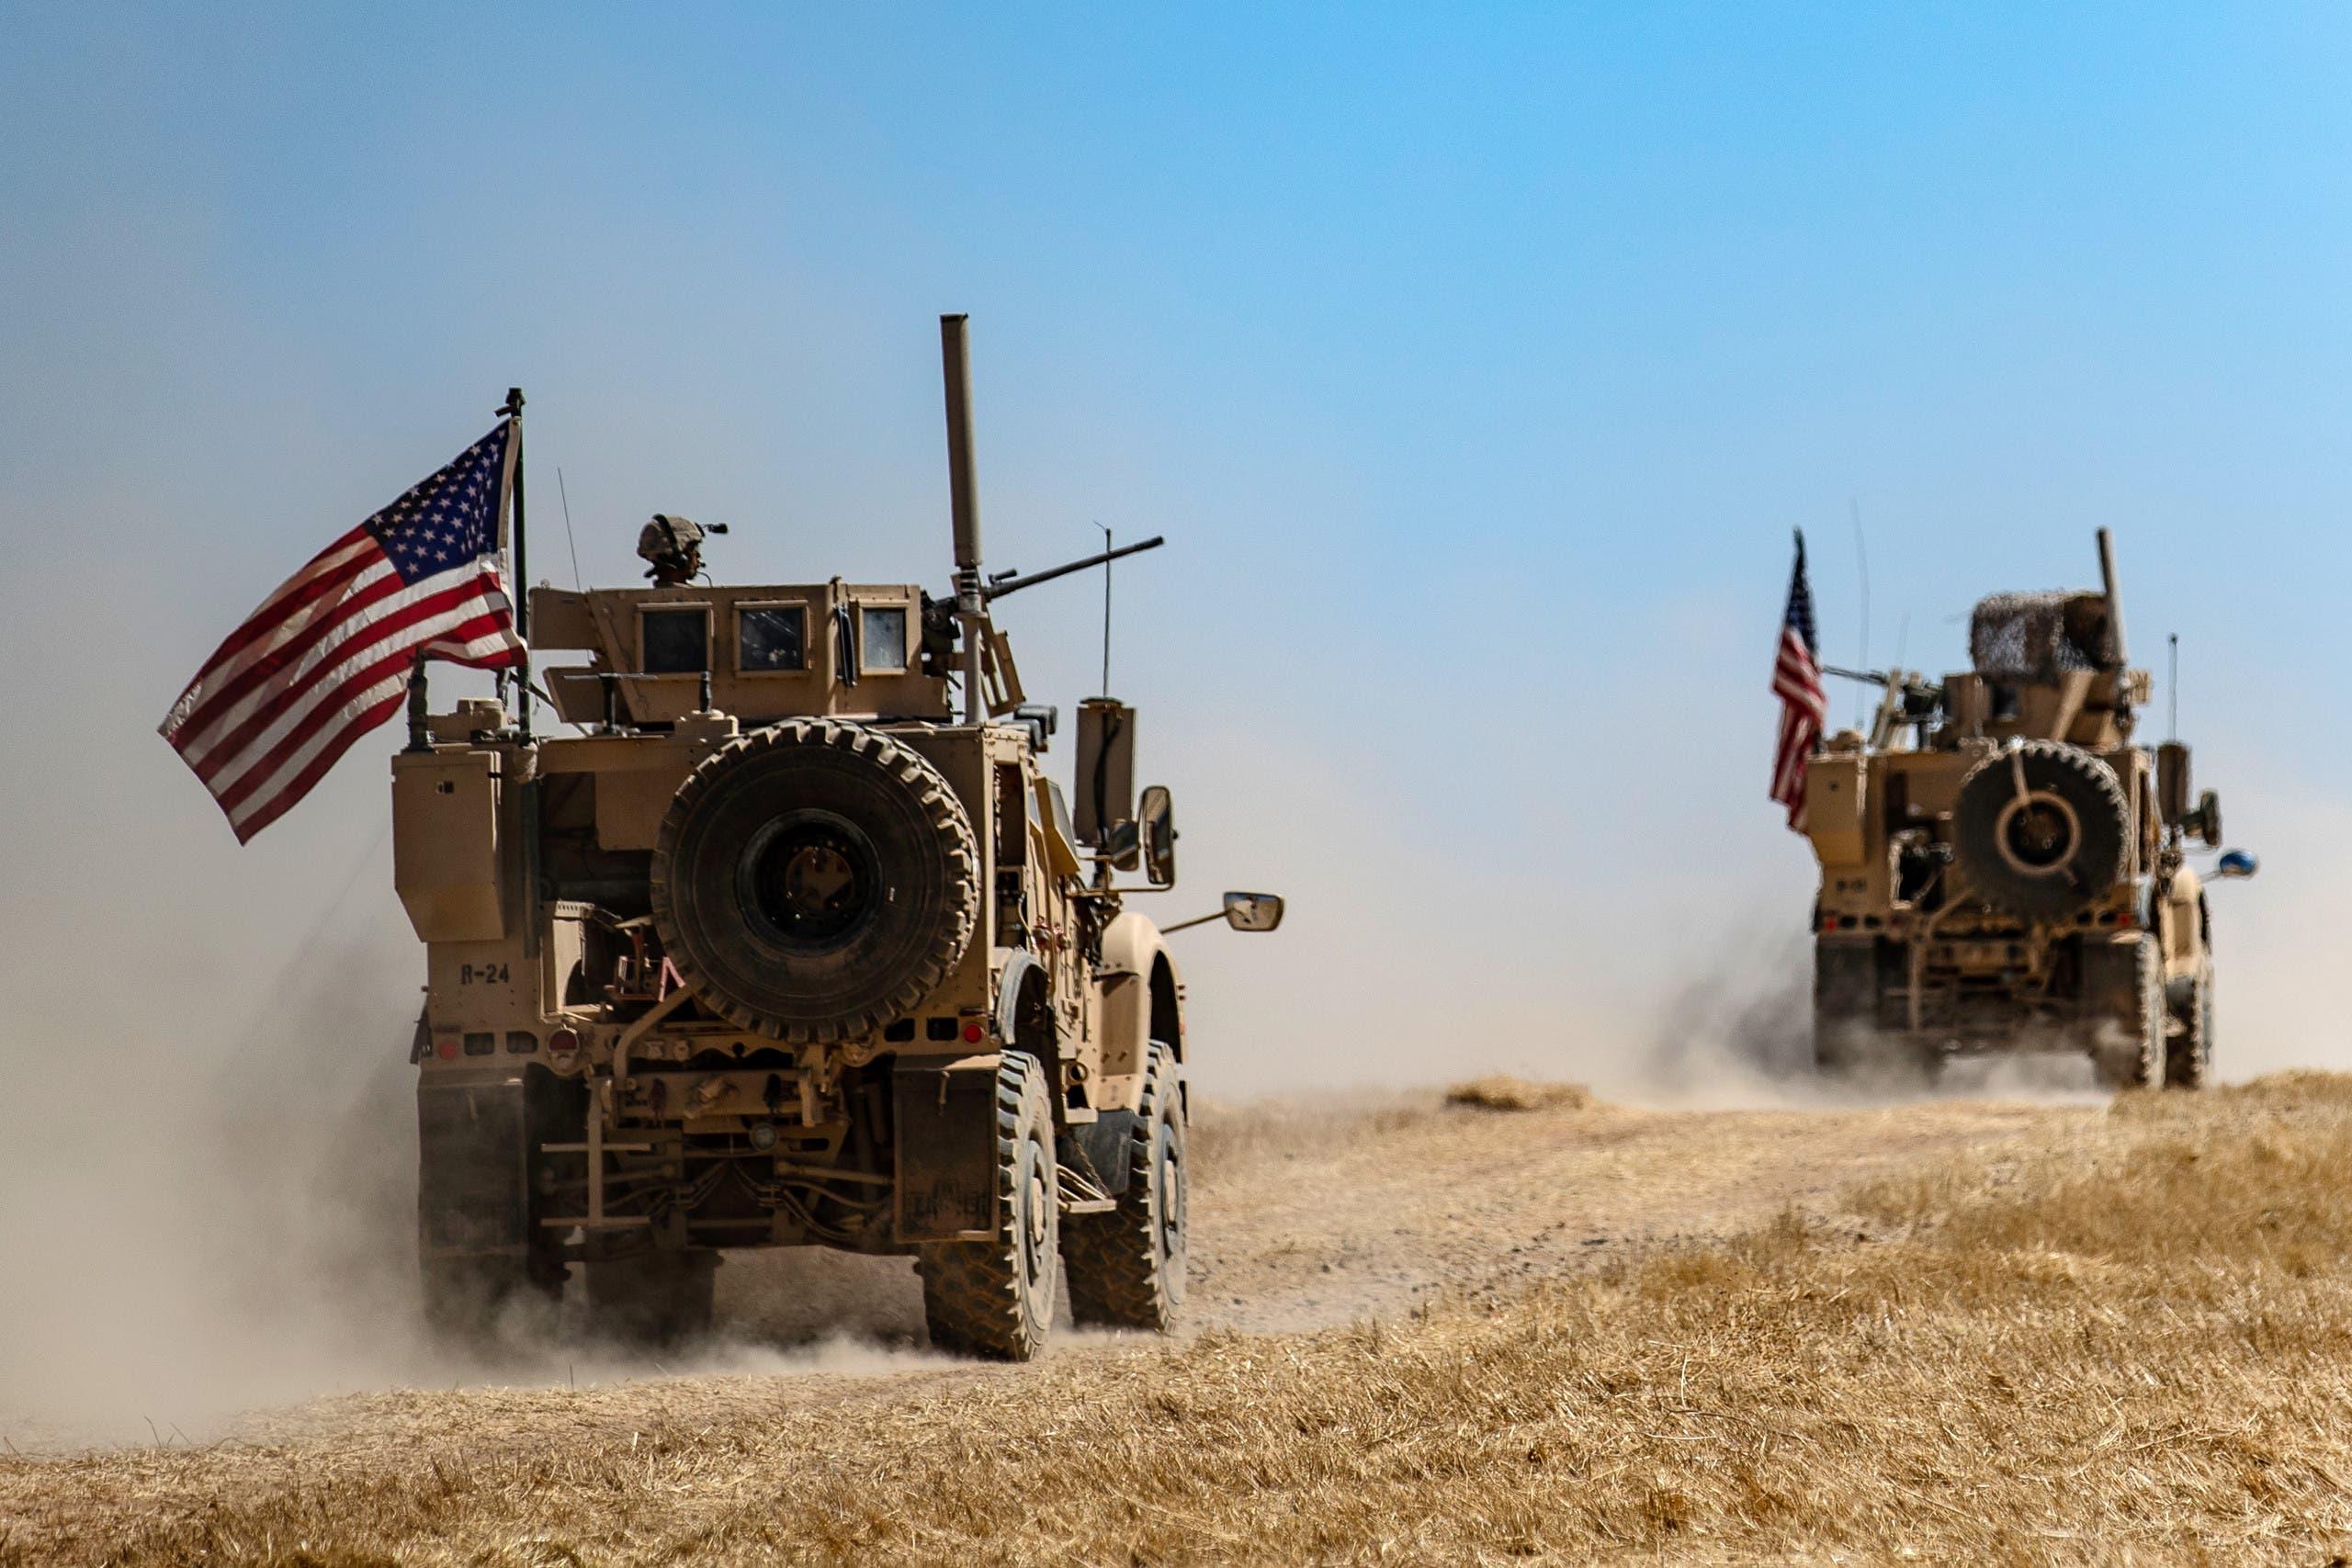 دورية مشتركة أميركية تركية في تل أبيض بسوريا